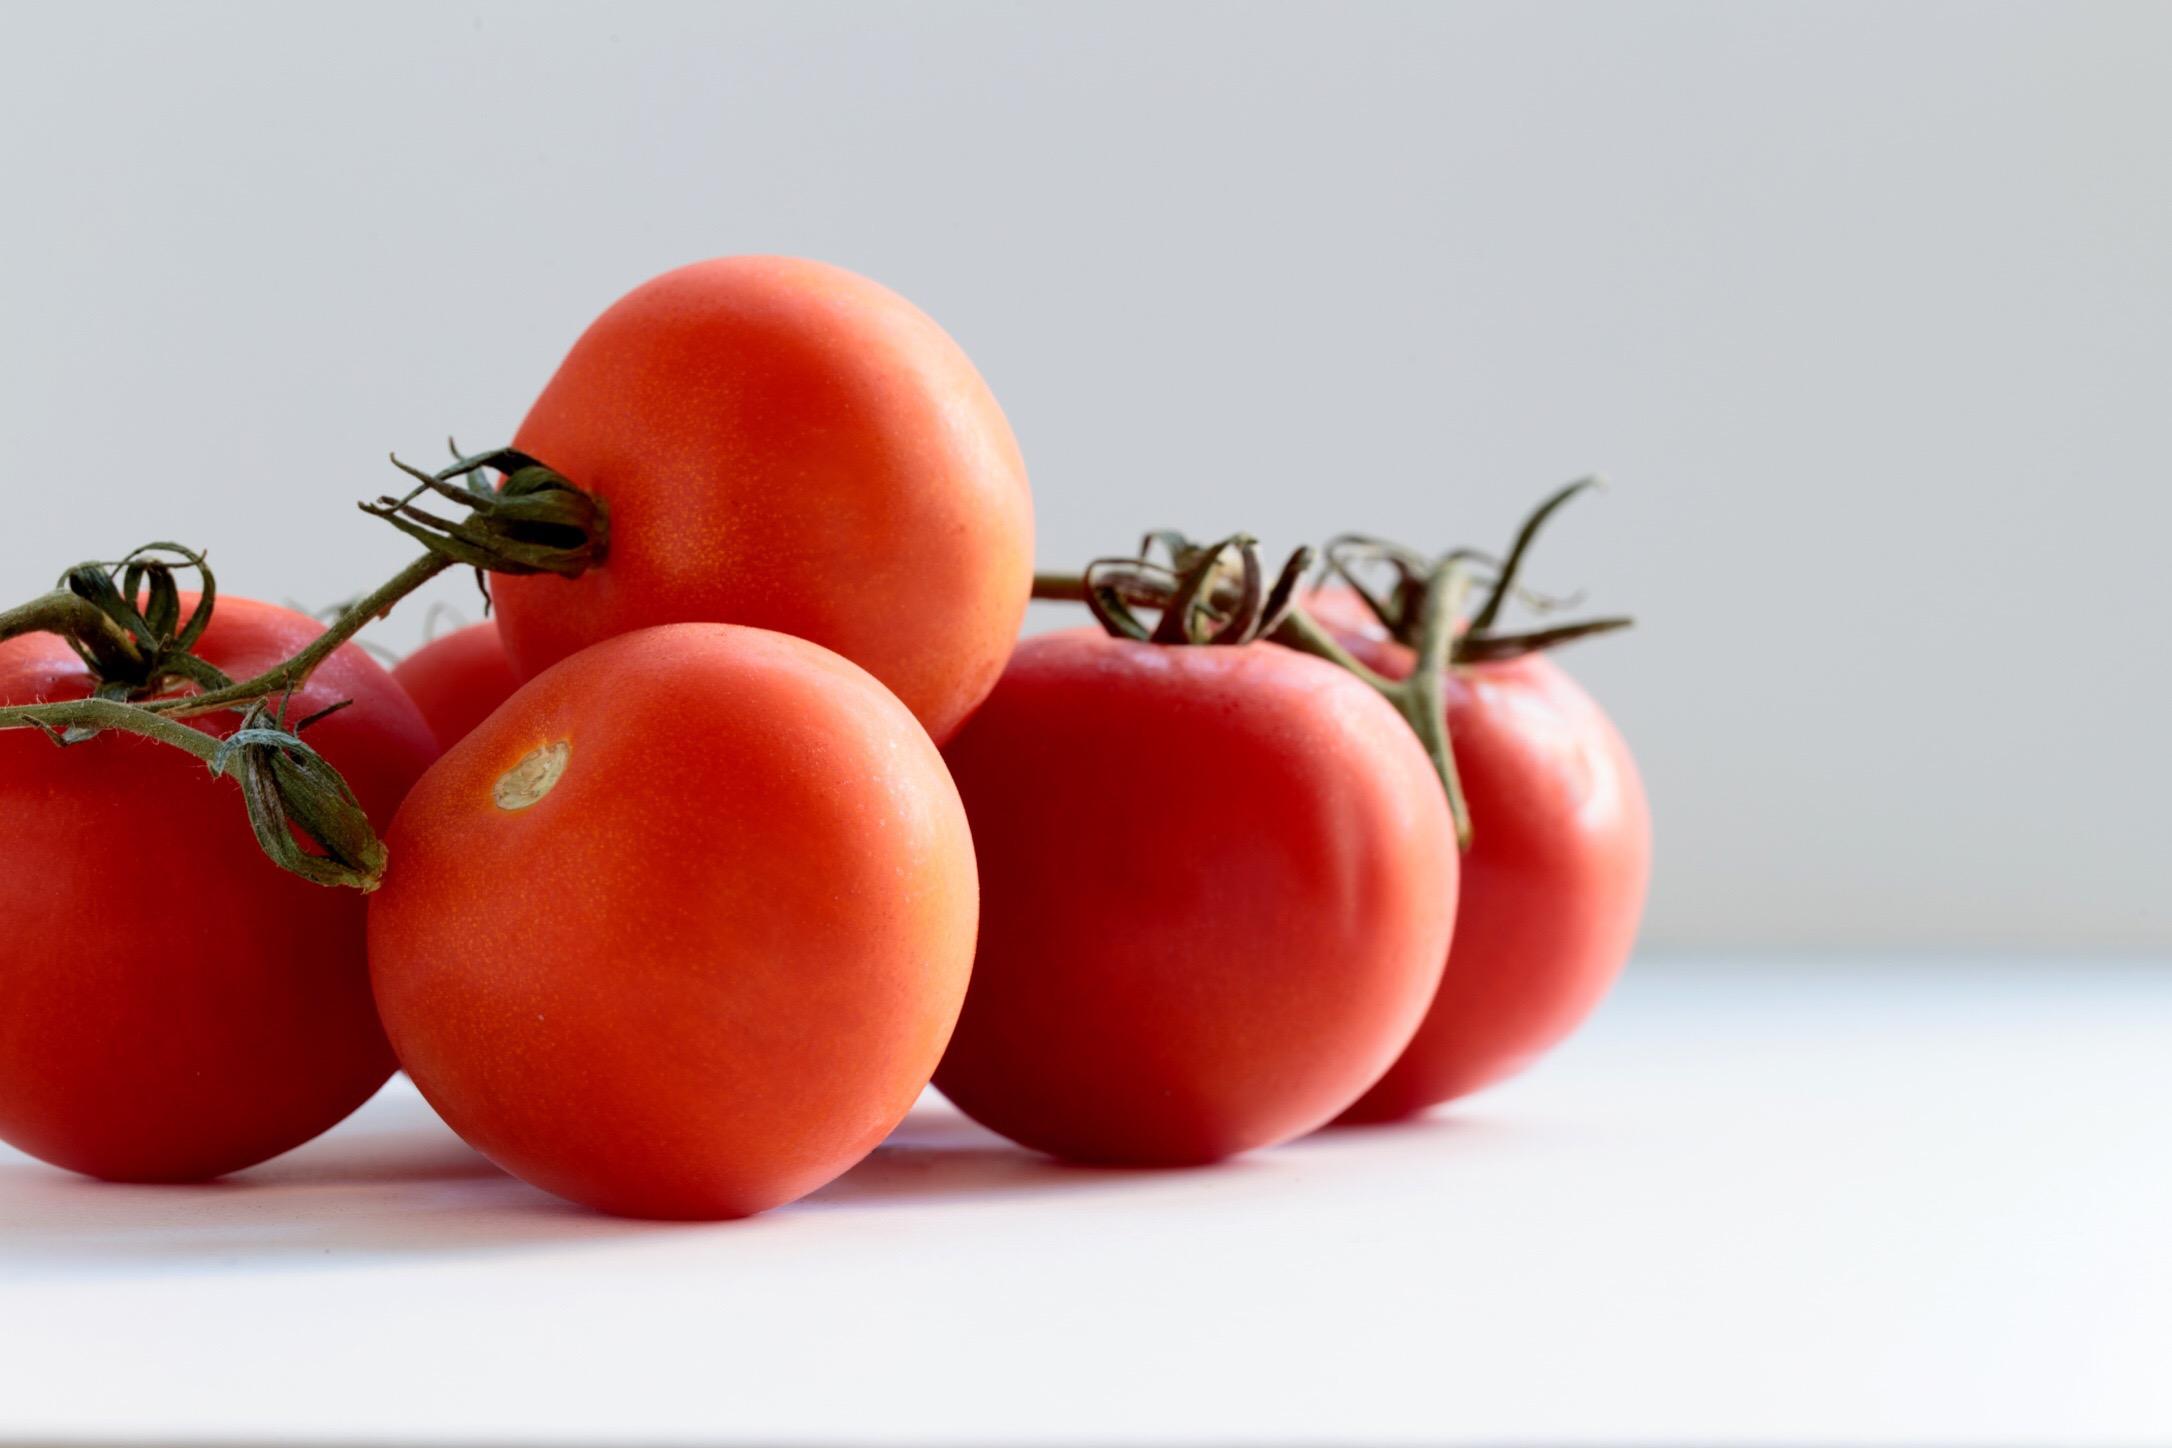 Ketchups - Le ketchup de nos mamans, version améliorée! De petits morceaux de fruits et de légumes, un doux mélange d'épices, de quoi faire de vos mijotés le meilleur des repas!